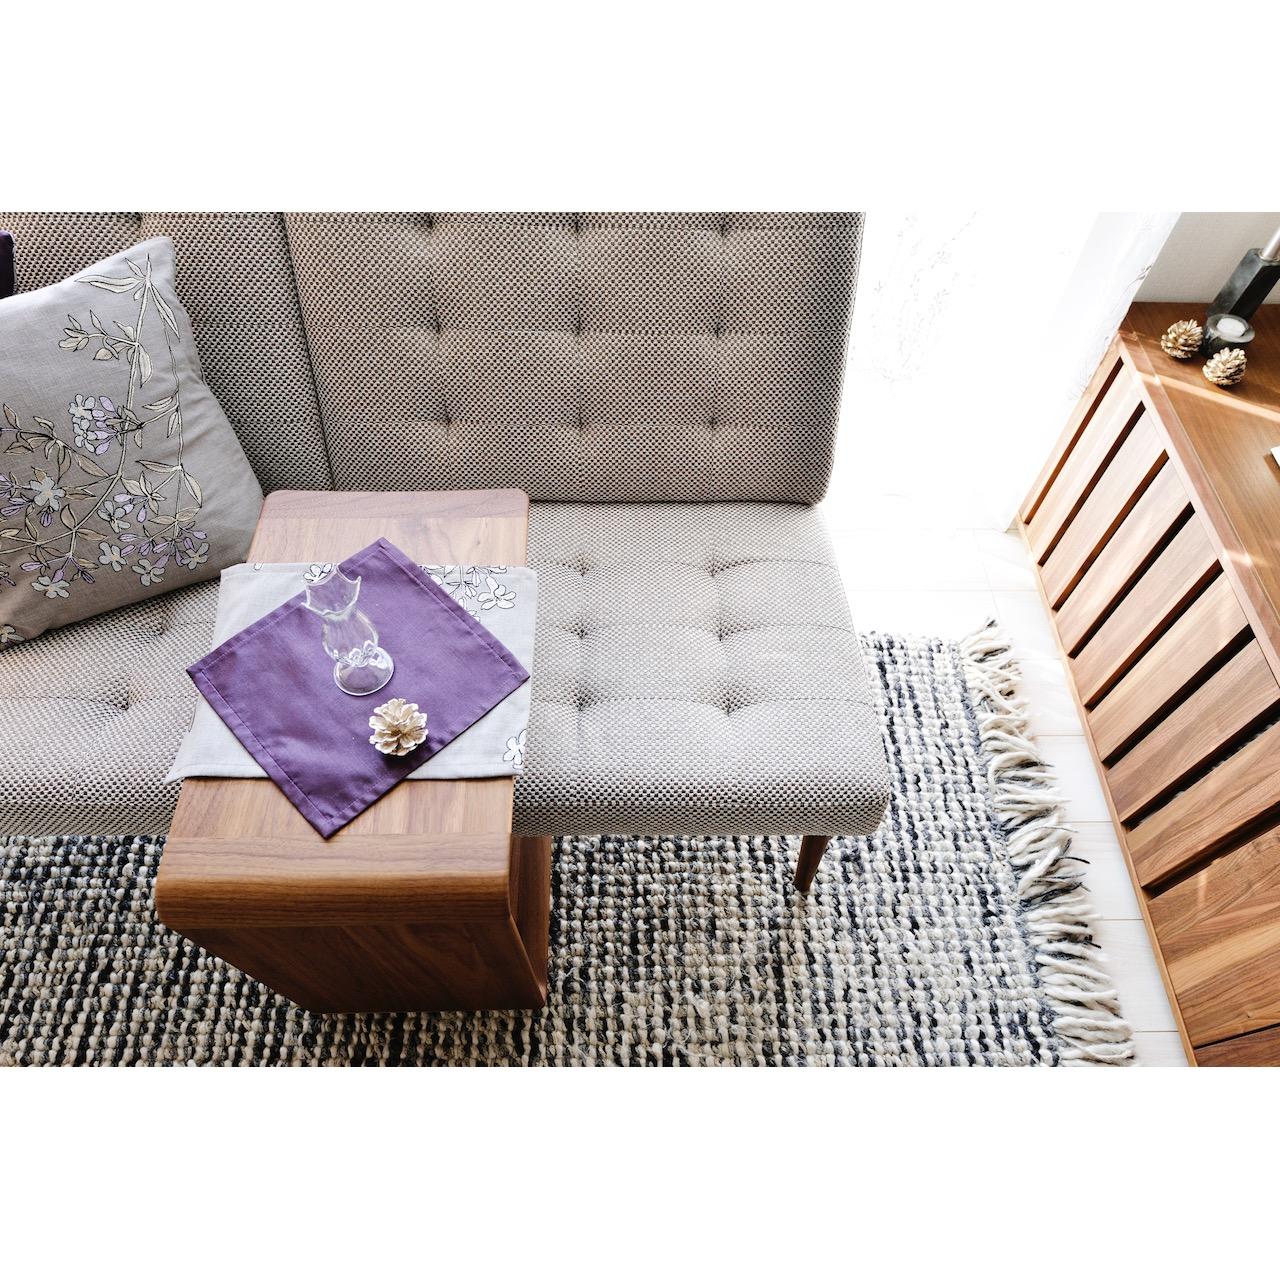 憧れ部屋のマンションコーディネート!テーマとカラーを決めてインテリアを楽しむ♪こだわりが詰まったeBook(電子書籍)もご紹介!【PR】